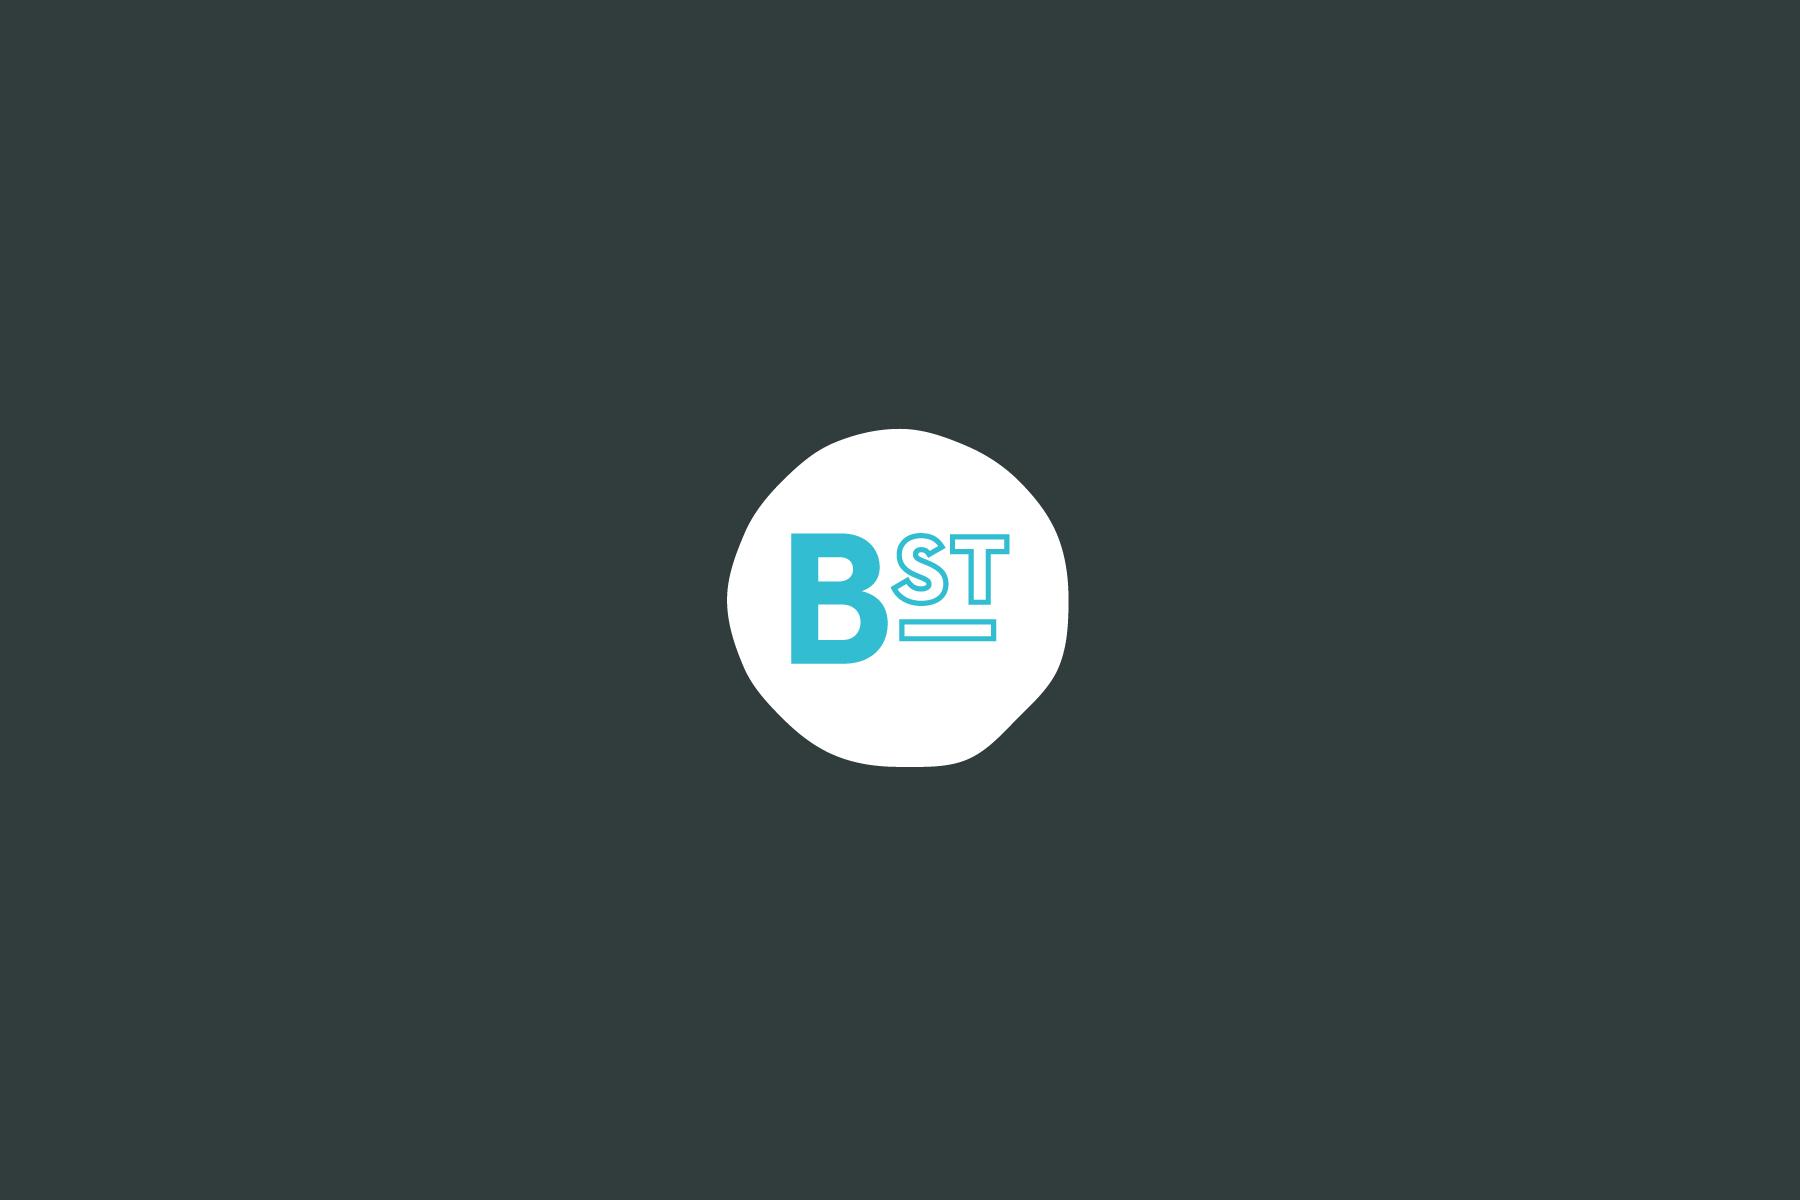 BStreet_Bug